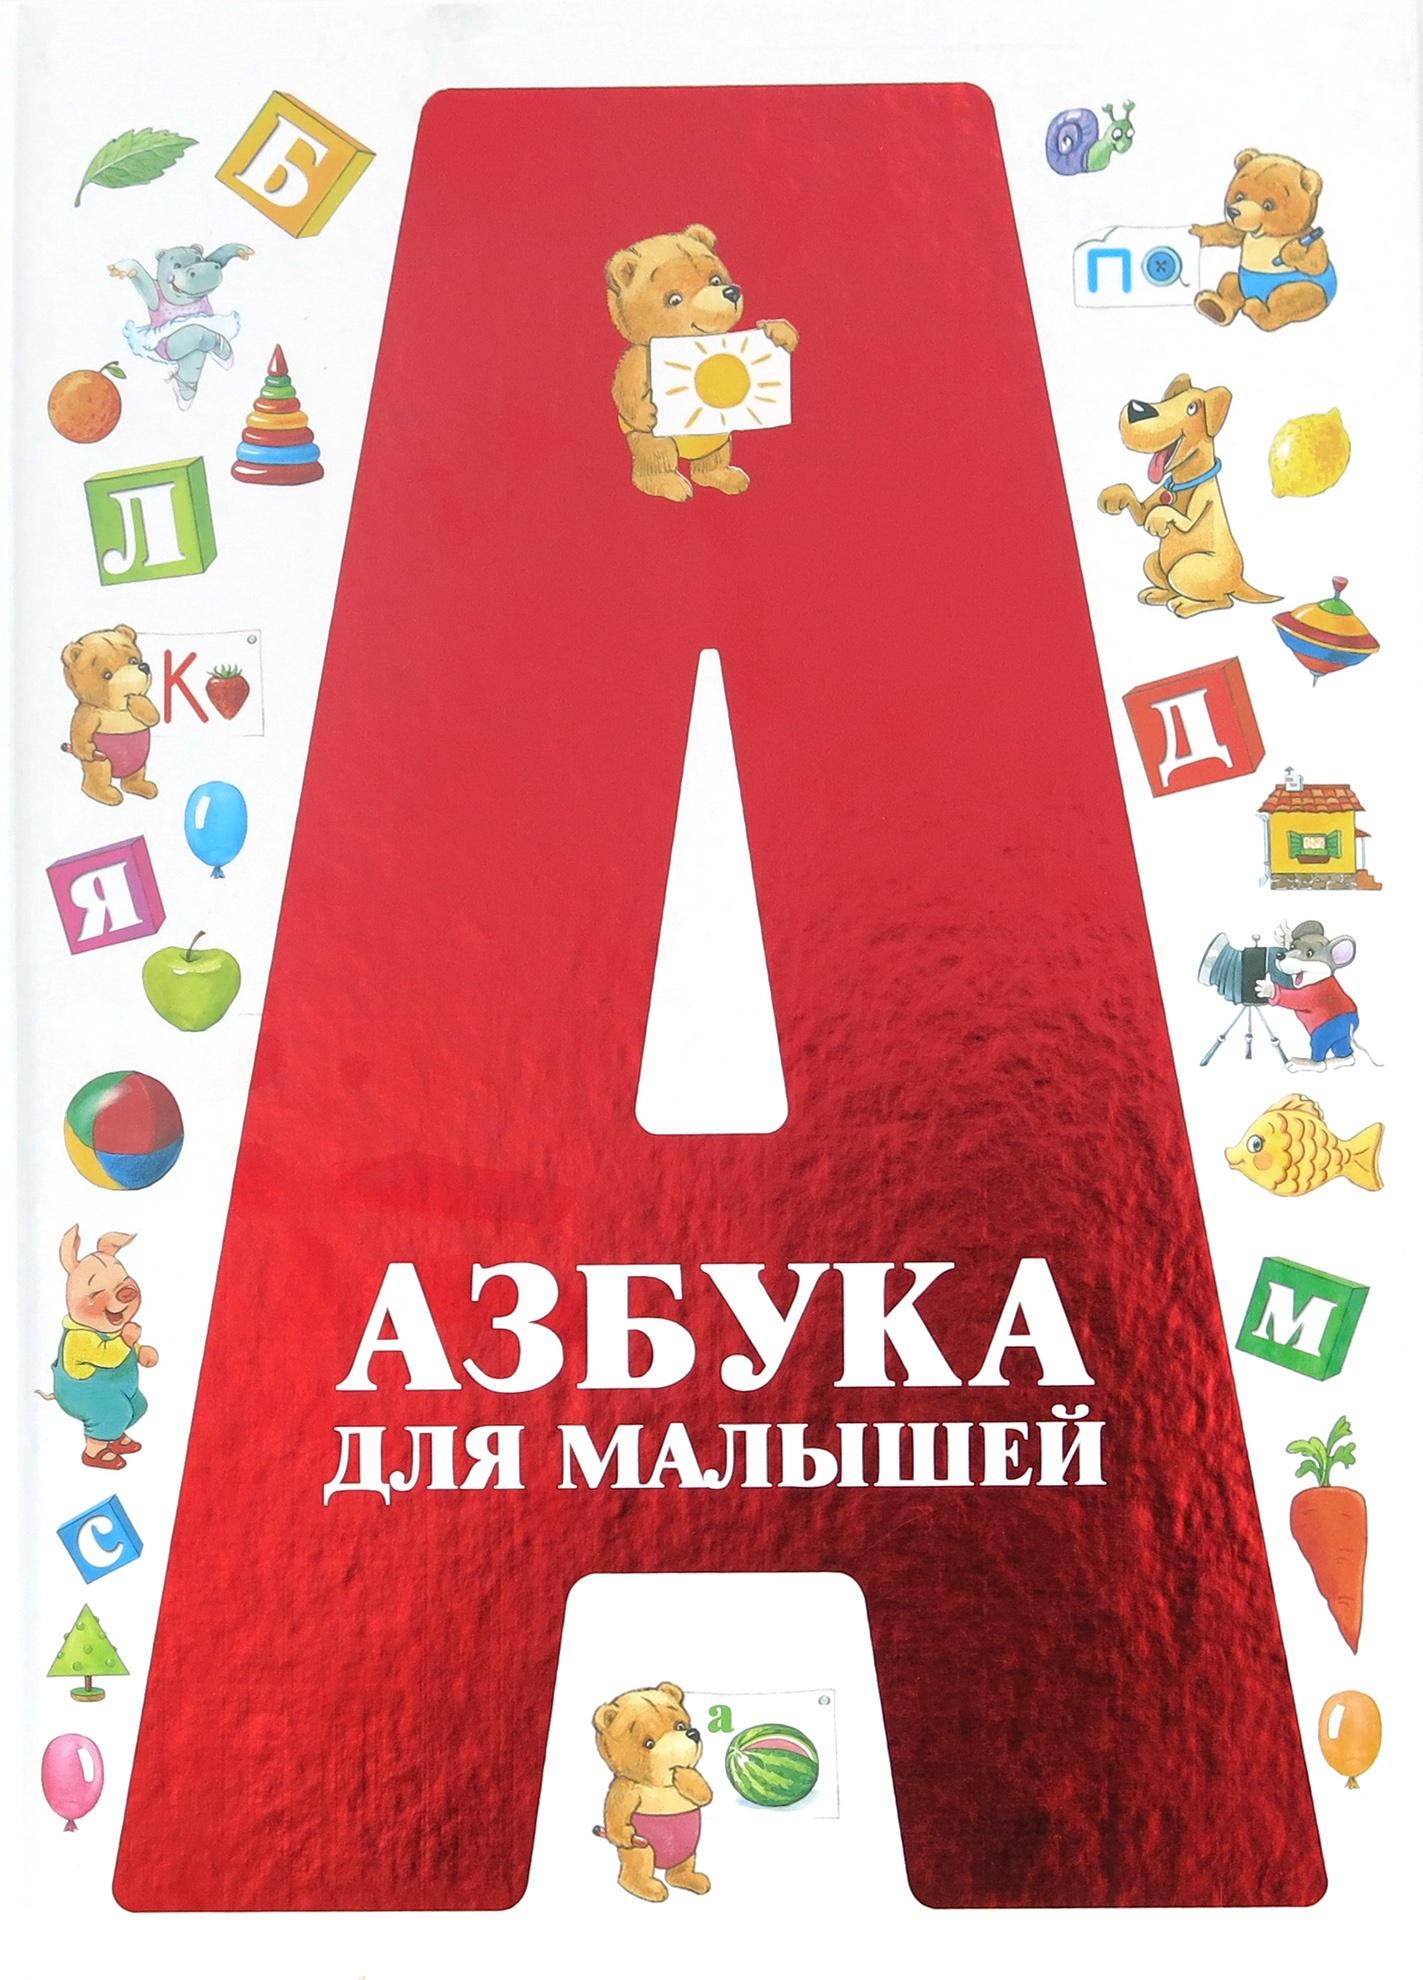 Азбука для школьника в картинках